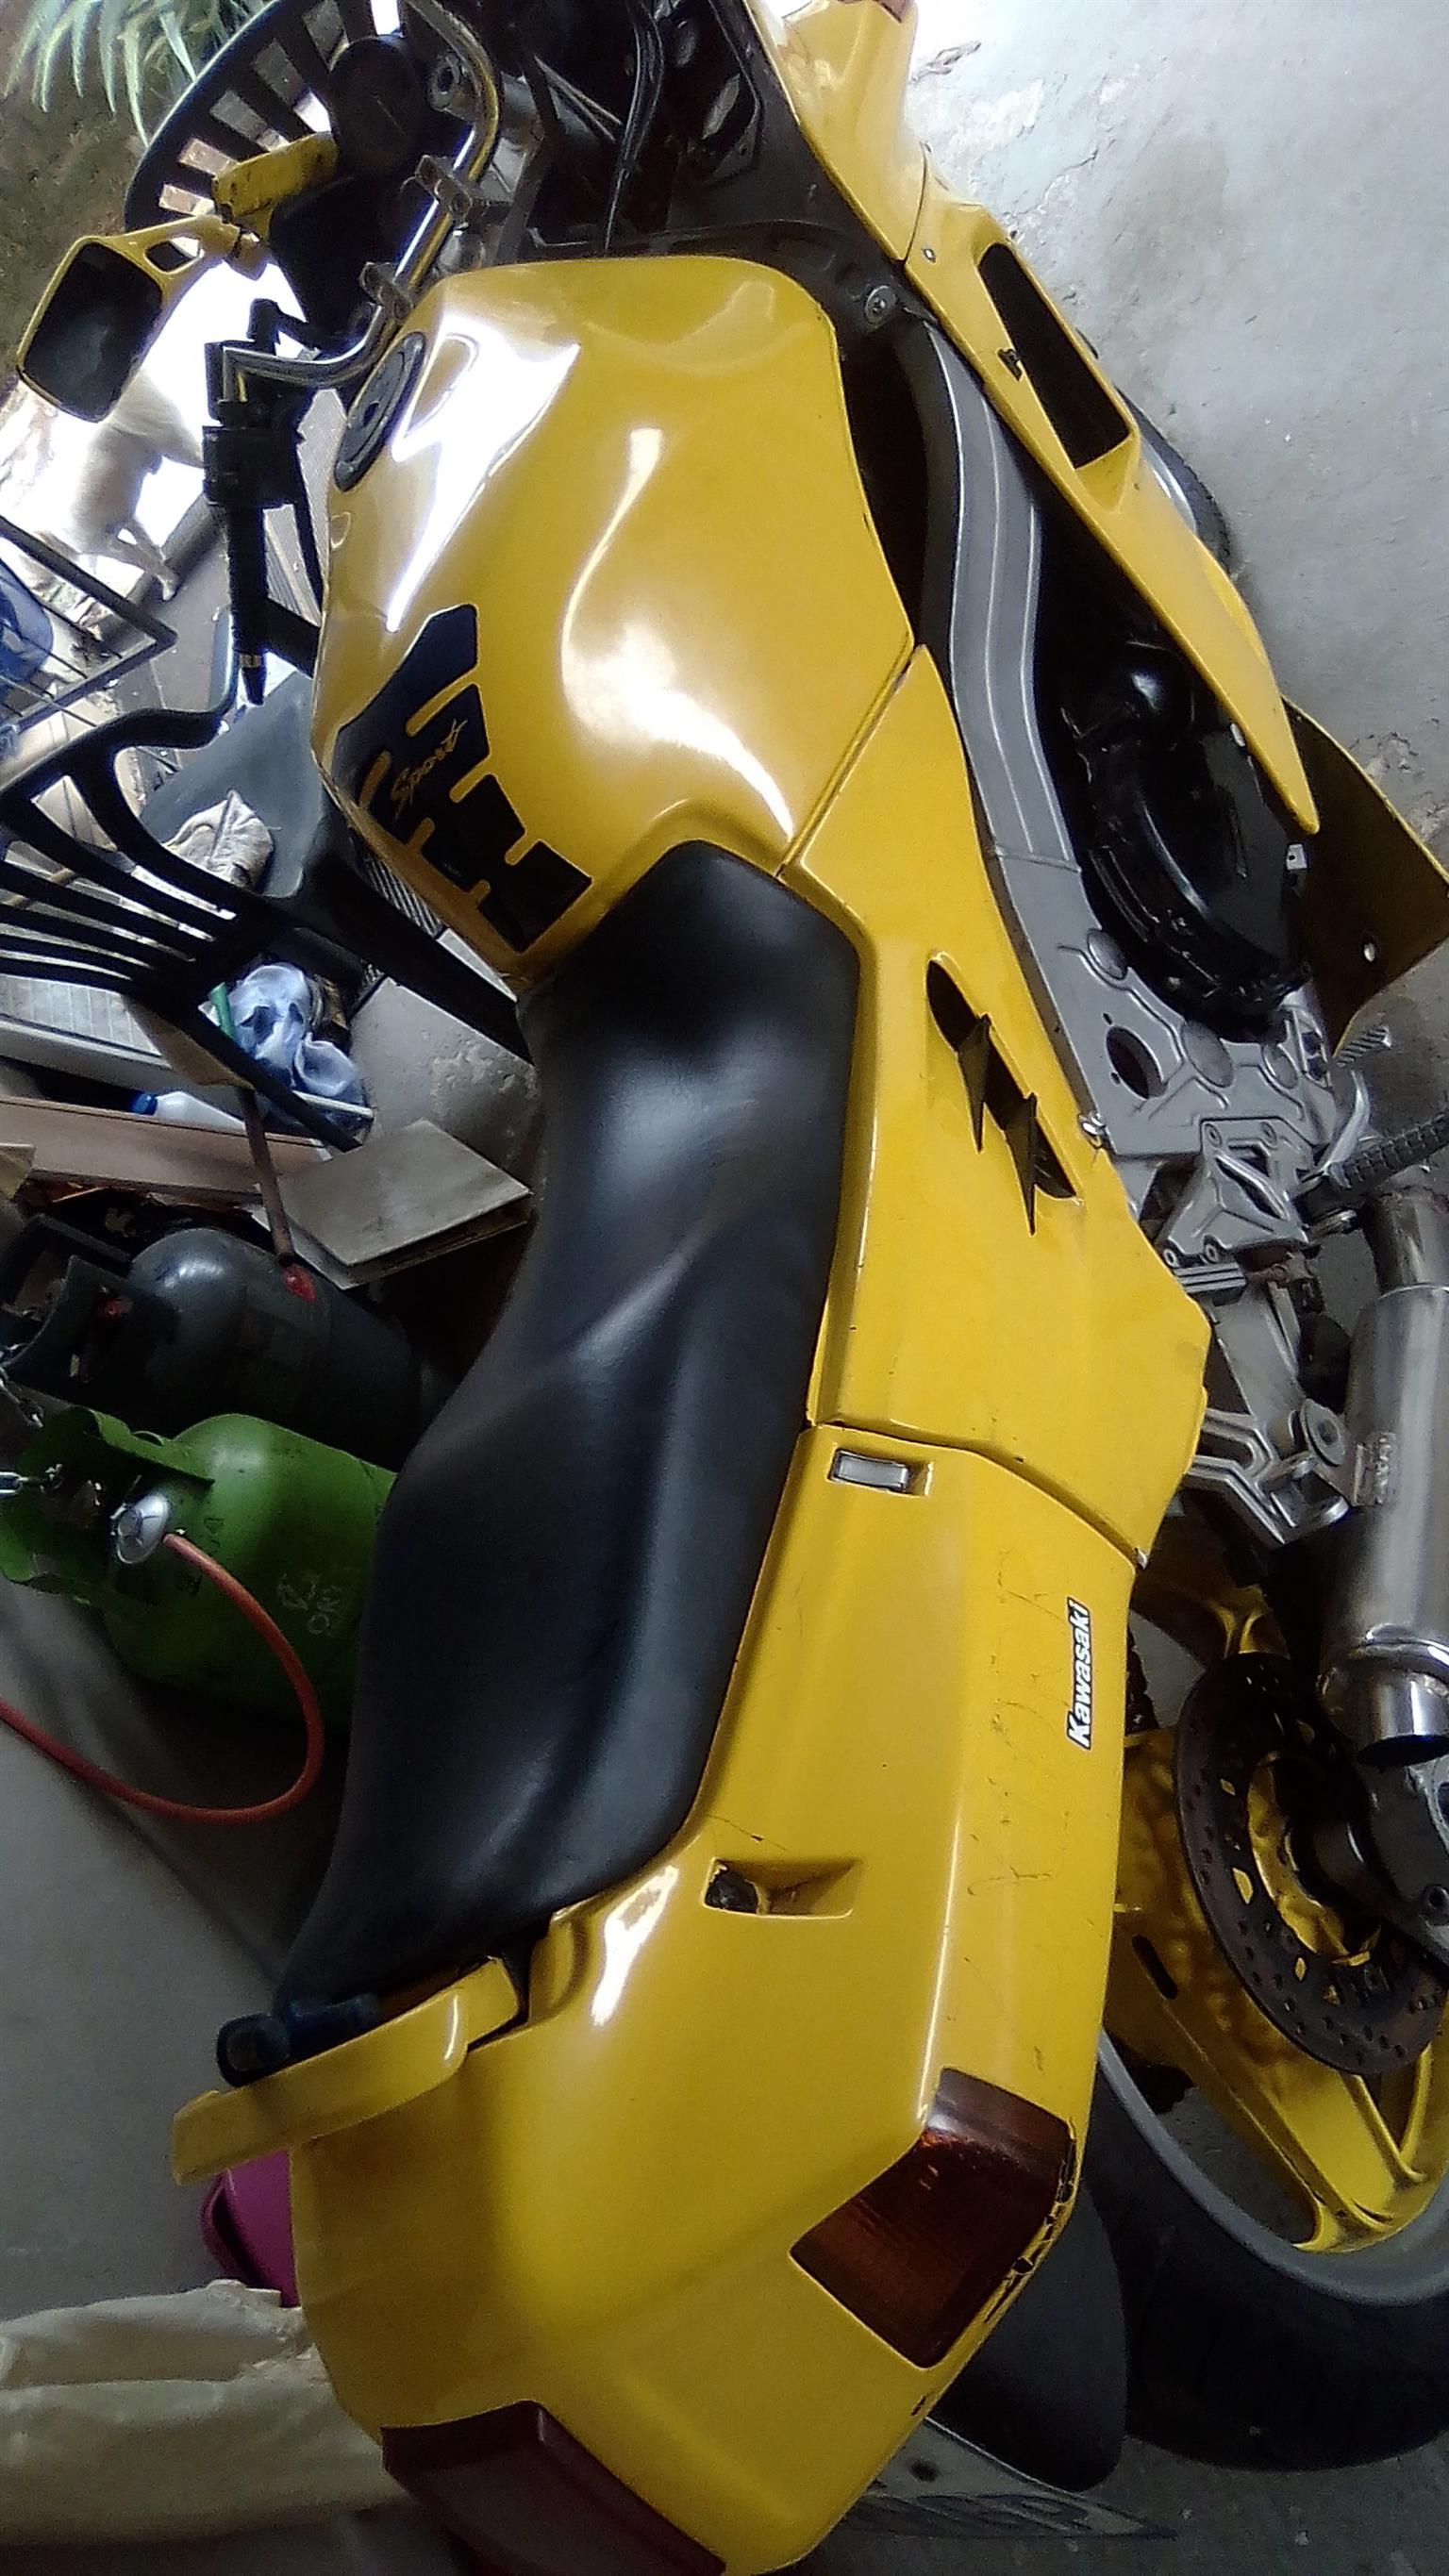 1990 Kawasaki ZX10